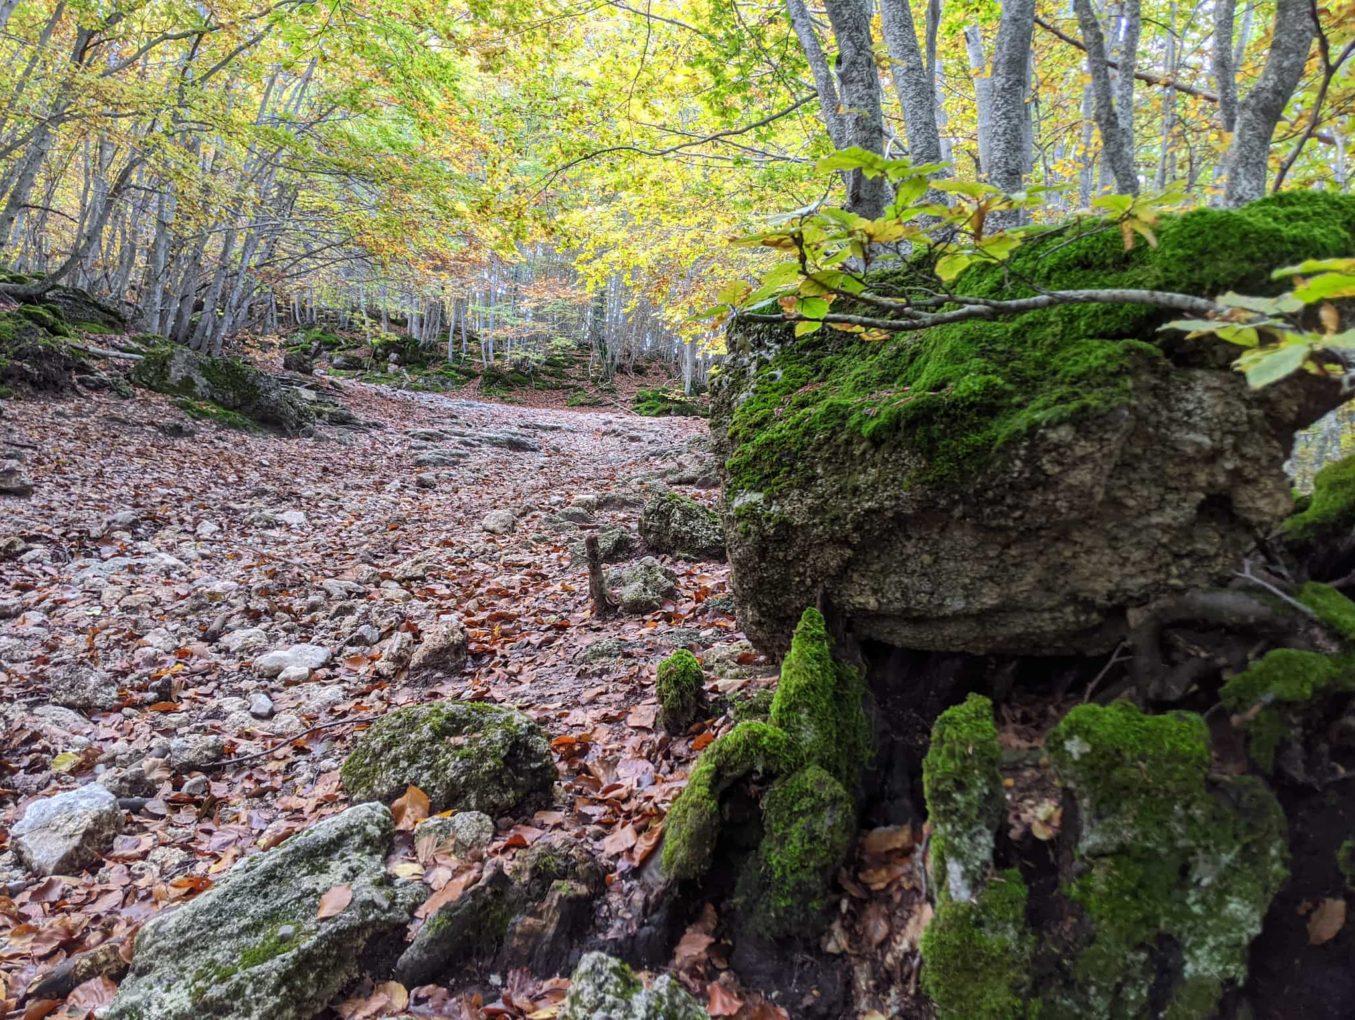 Esperienza fotografica nei boschi tra i magici colori autunnali